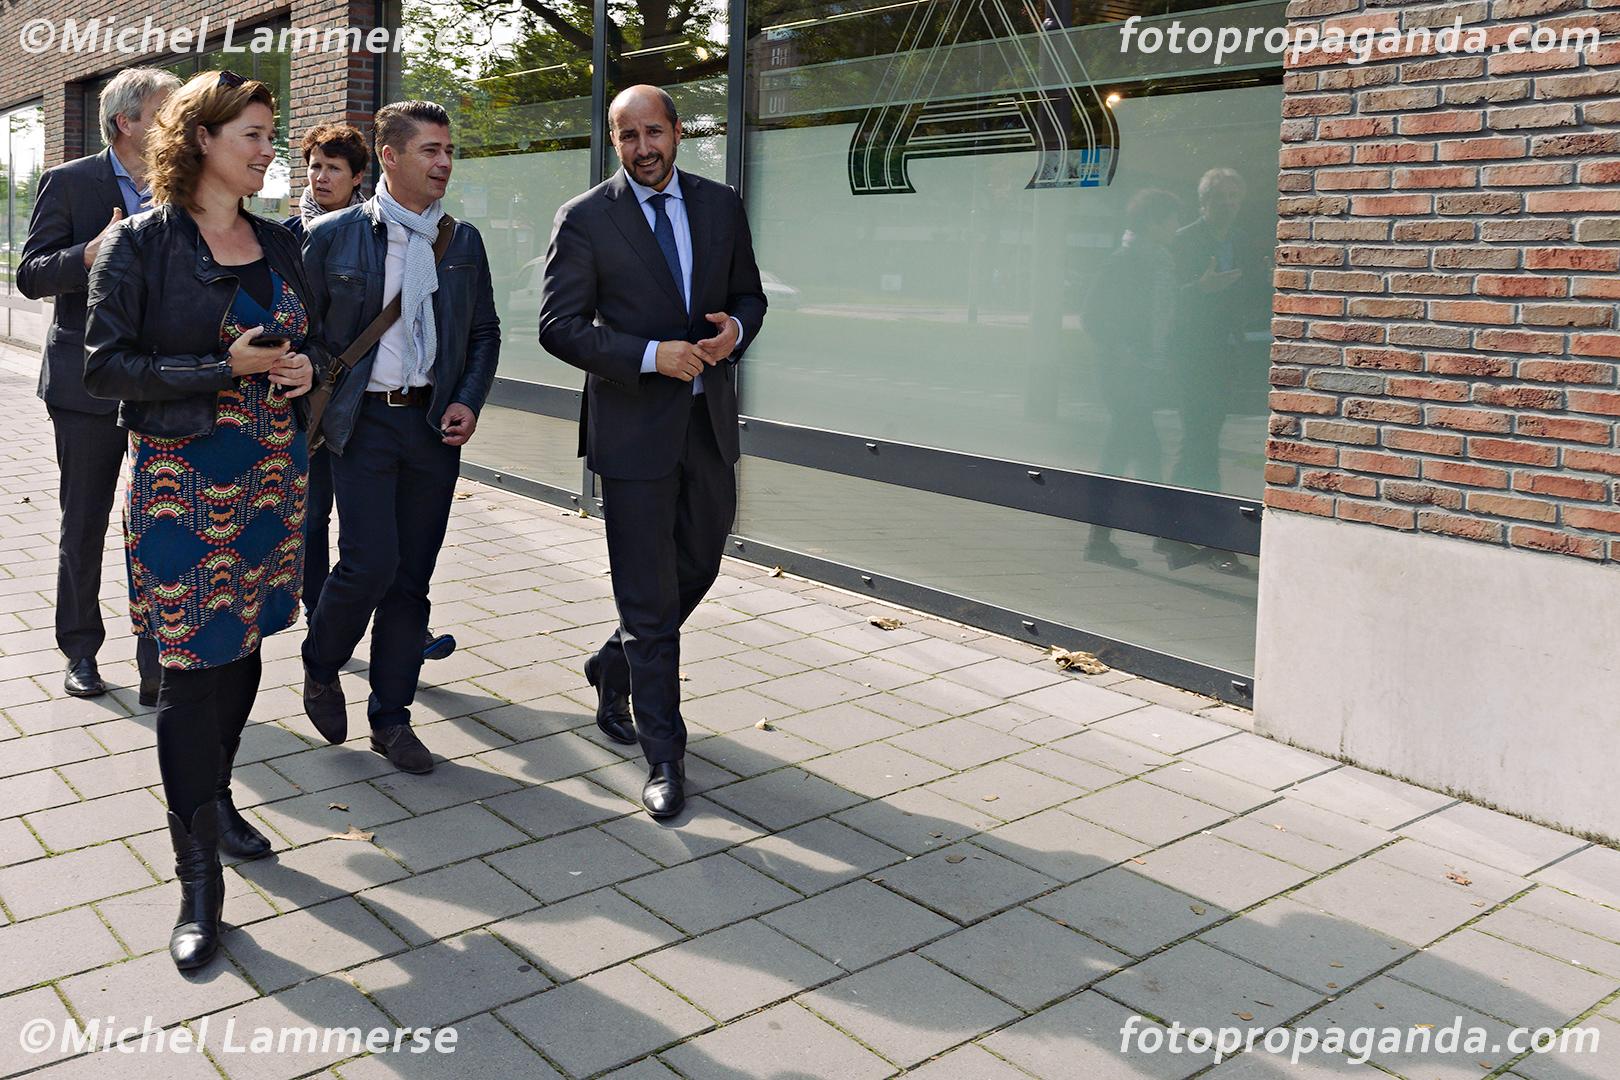 bezoek burgemeester Marcouch aan Malburgen